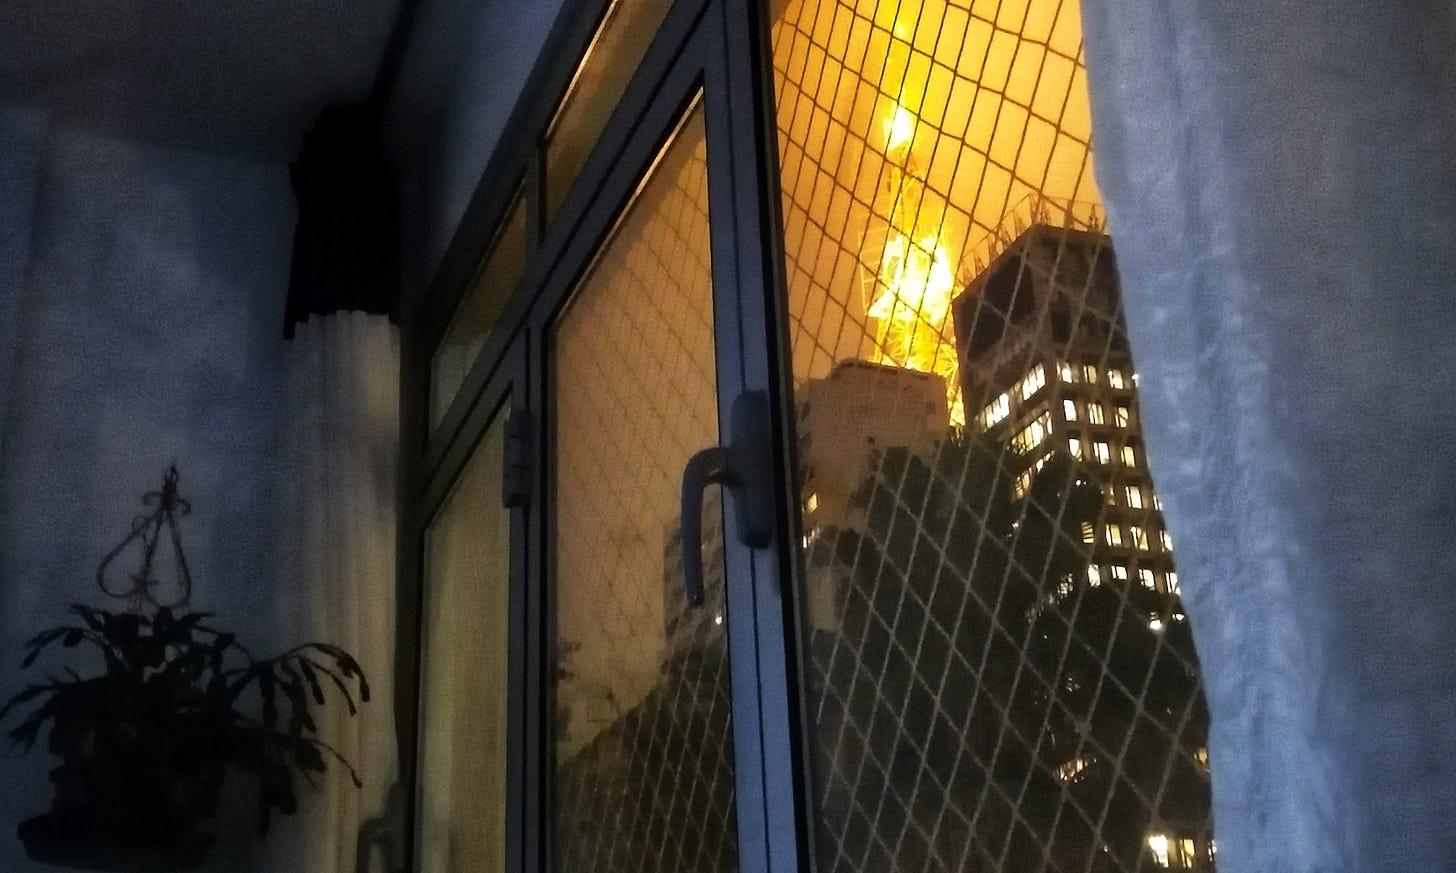 Vista de prédios com uma antena amarela.